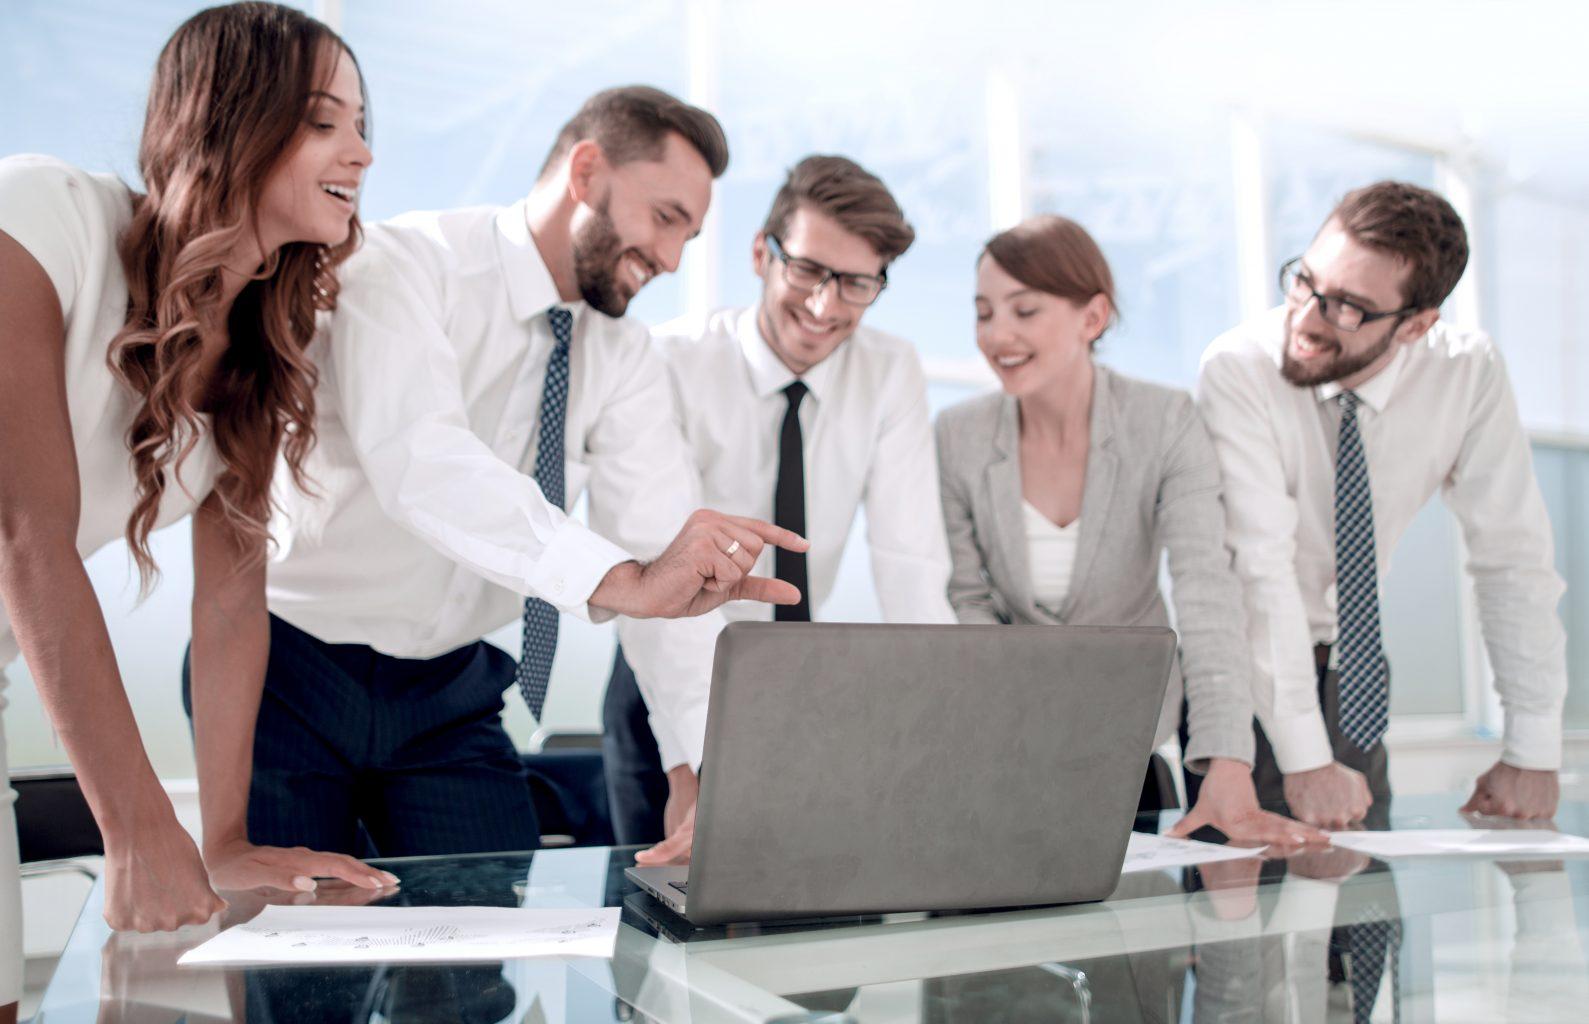 Schnittstellenanbindung Gruppendiskussion Personen